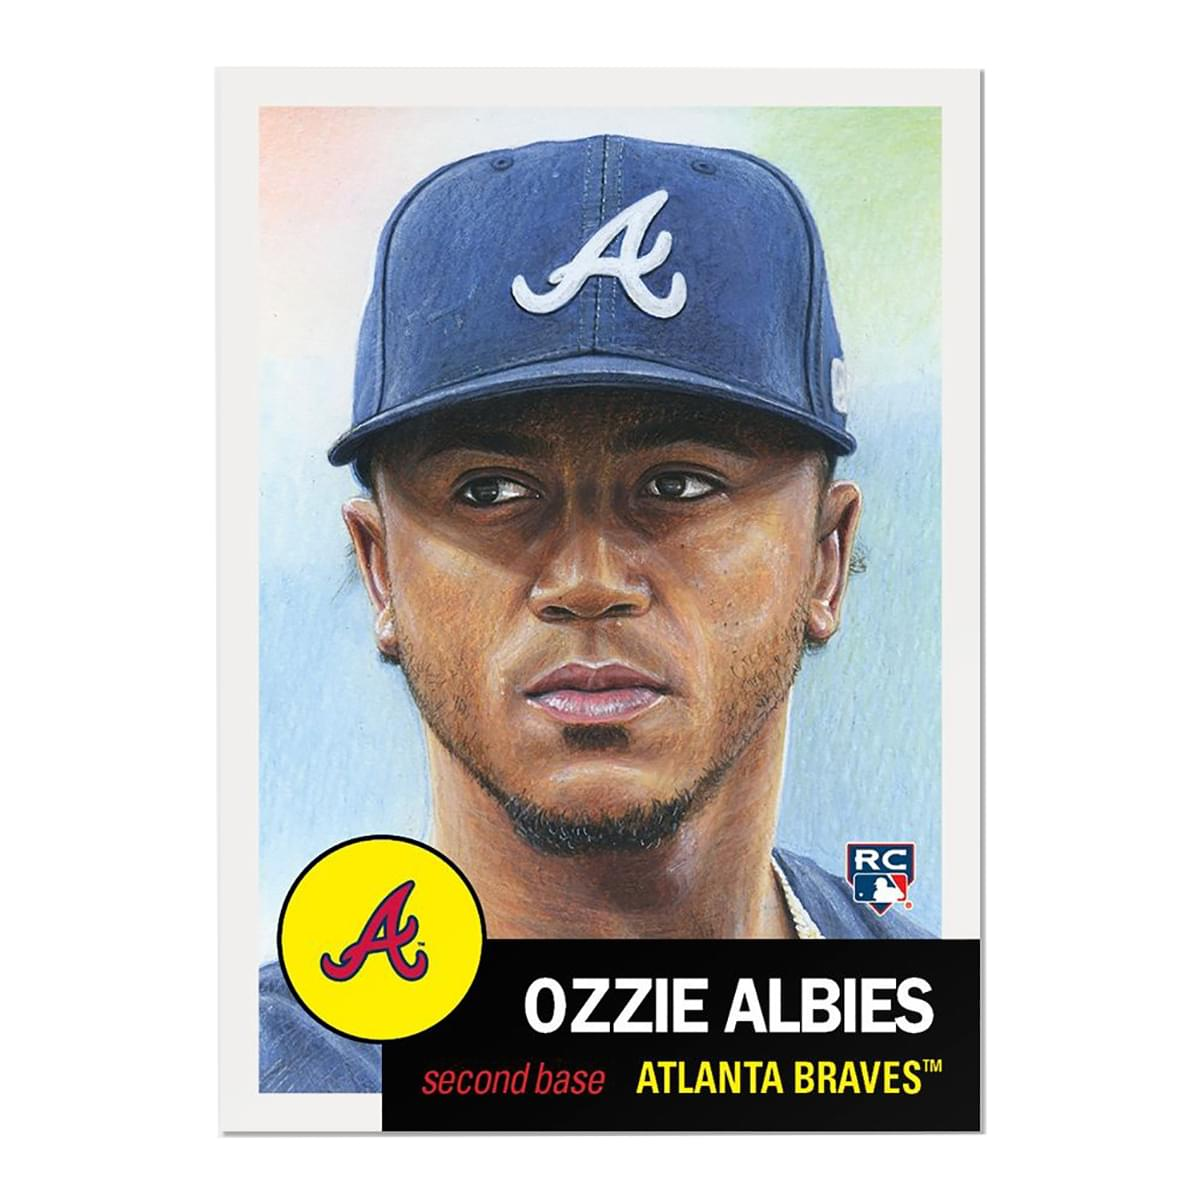 Atlanta Braves #32 Ozzie Albies MLB Topps Living Set Card